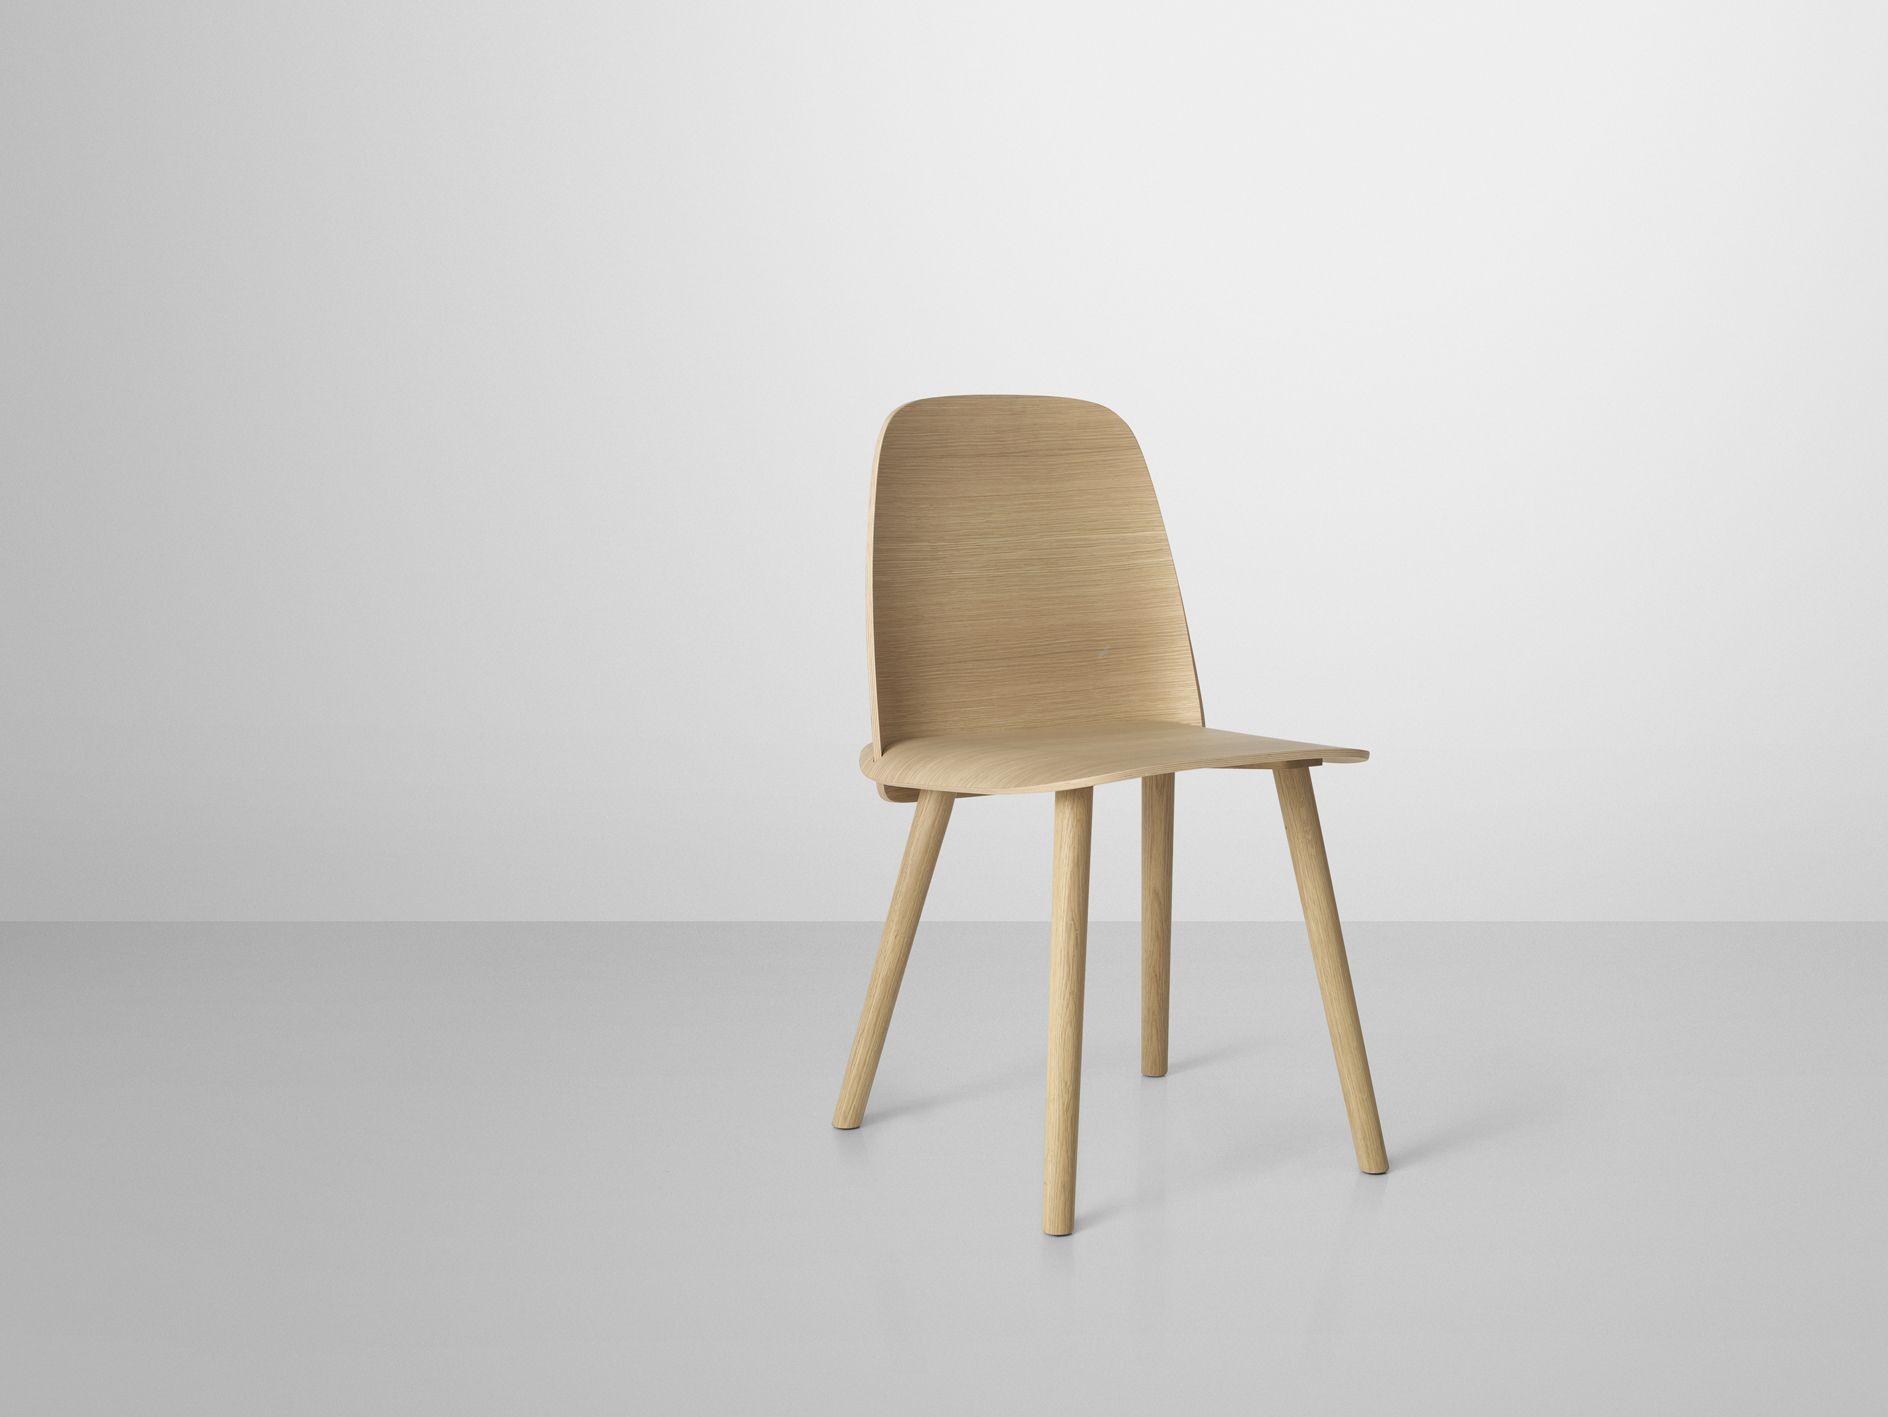 Nerd Barkruk Muuto : Nerd chair muuto dream home interiors